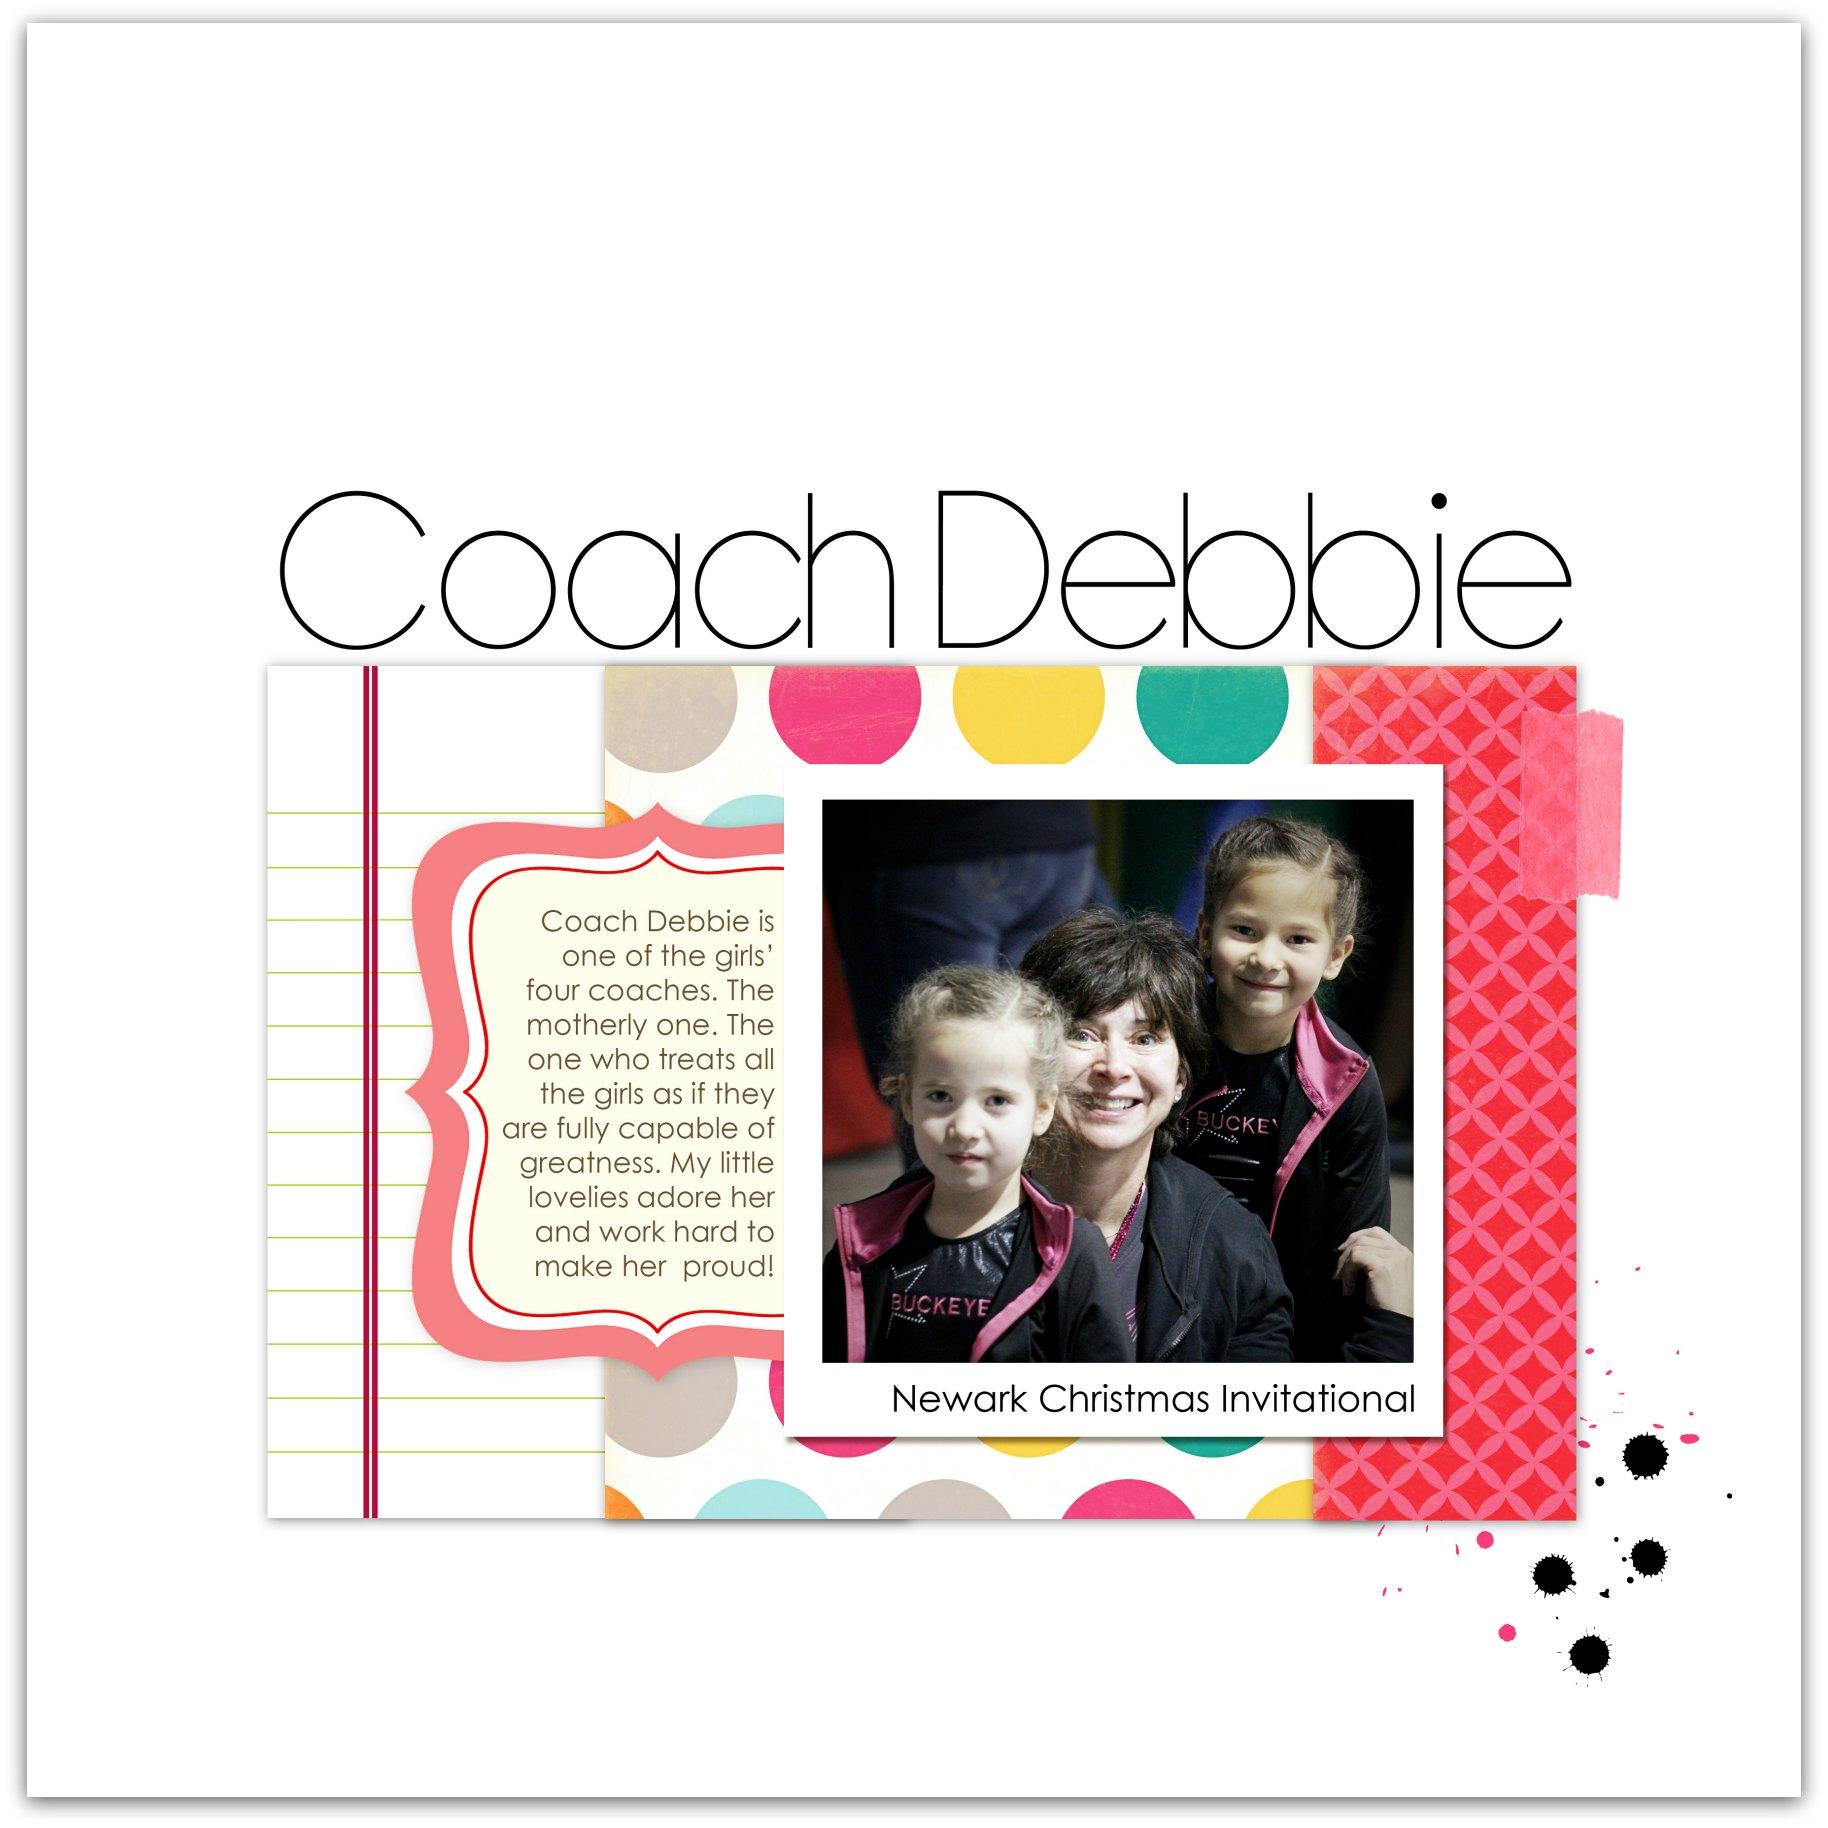 Scrapbook ideas for teachers - 12 08 12 Coach_debbie